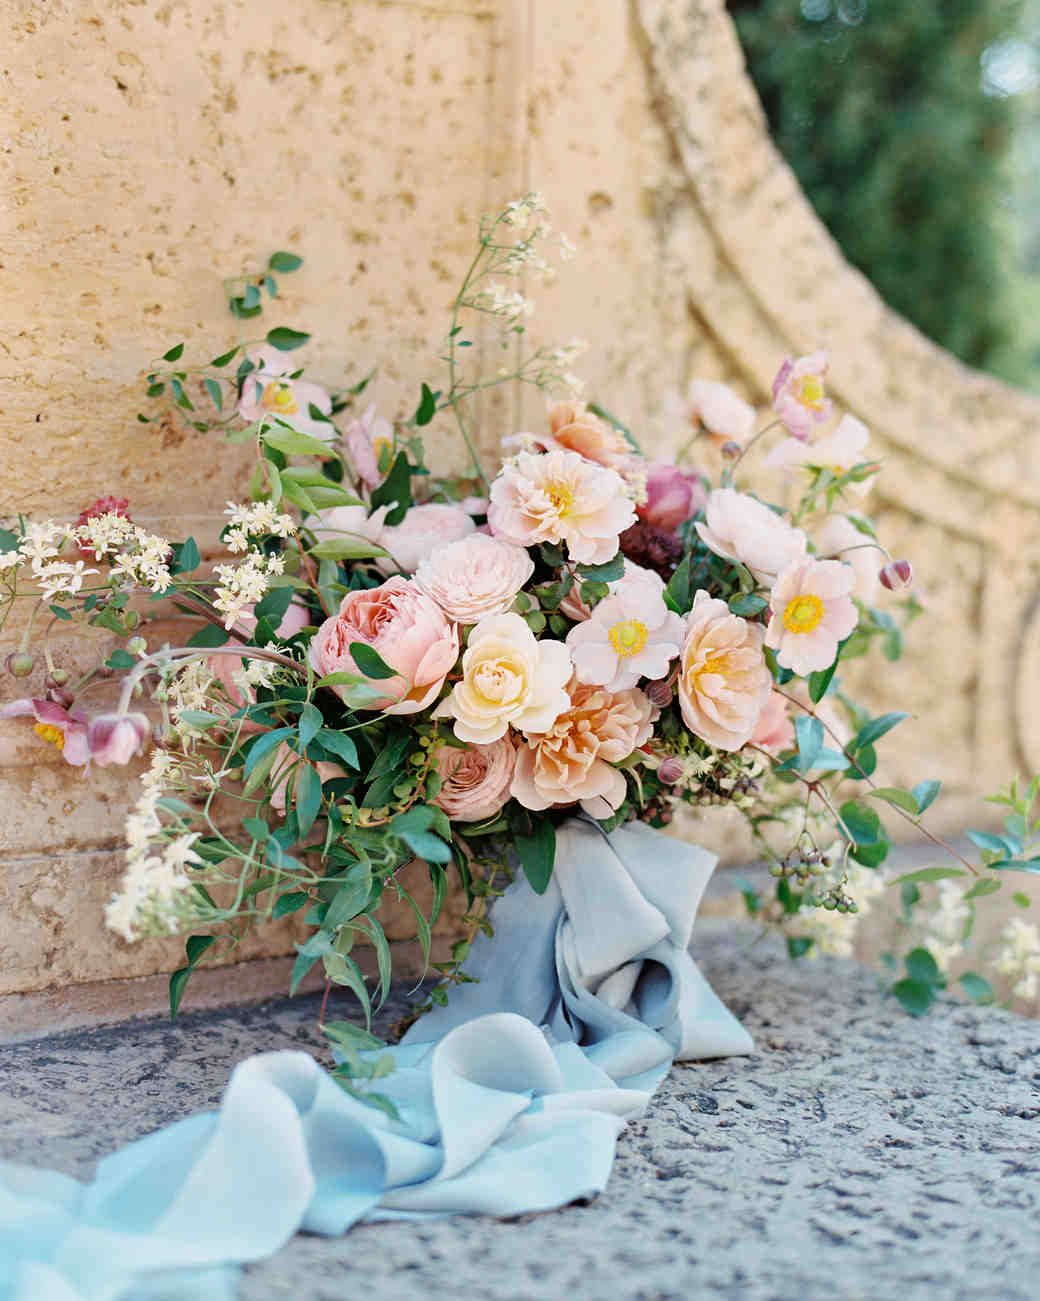 katty-chris-wedding-tulsa-oklahoma-w008-s112049.jpg